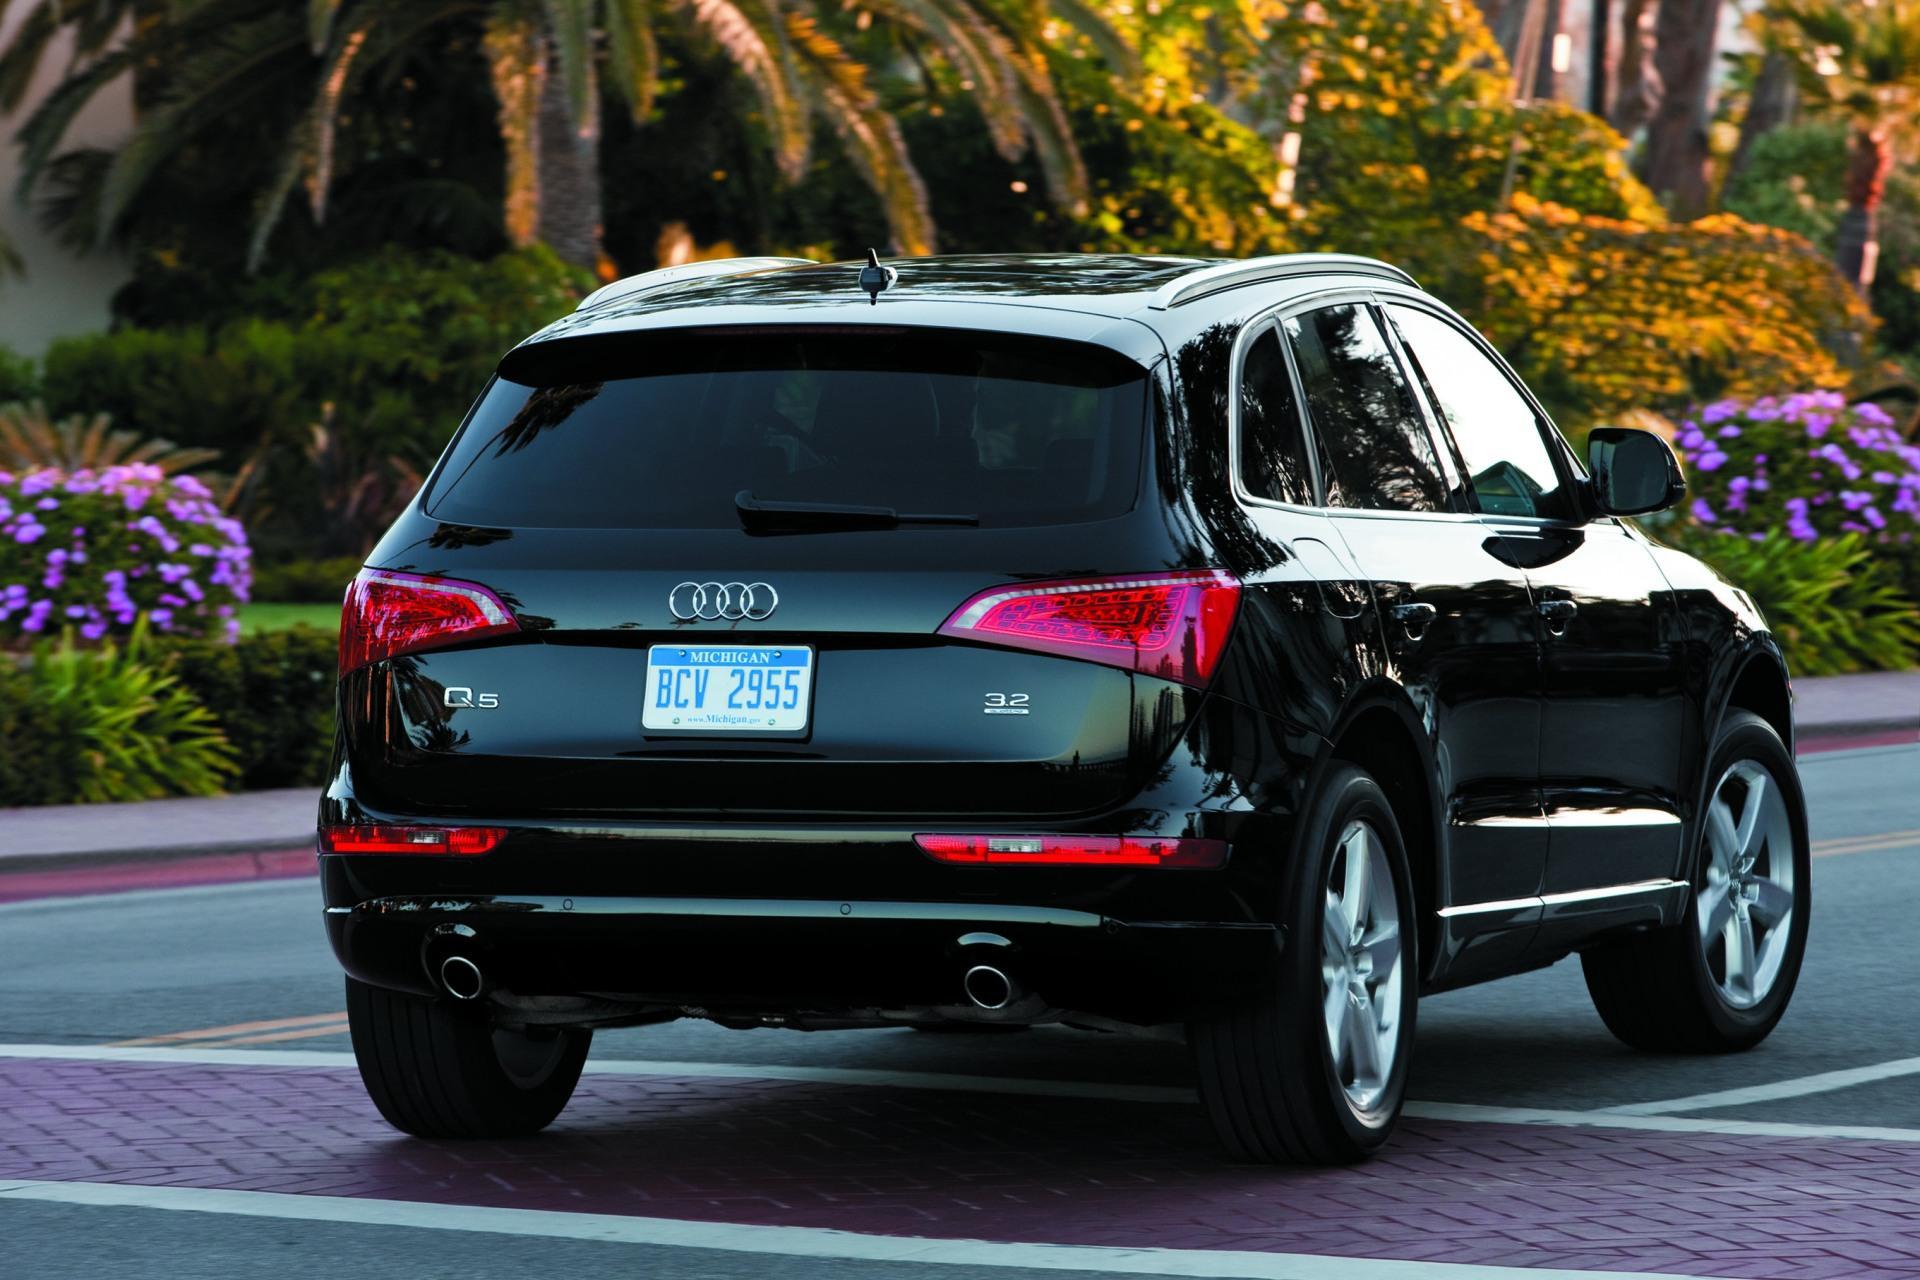 2010 Audi Q5 Image 17